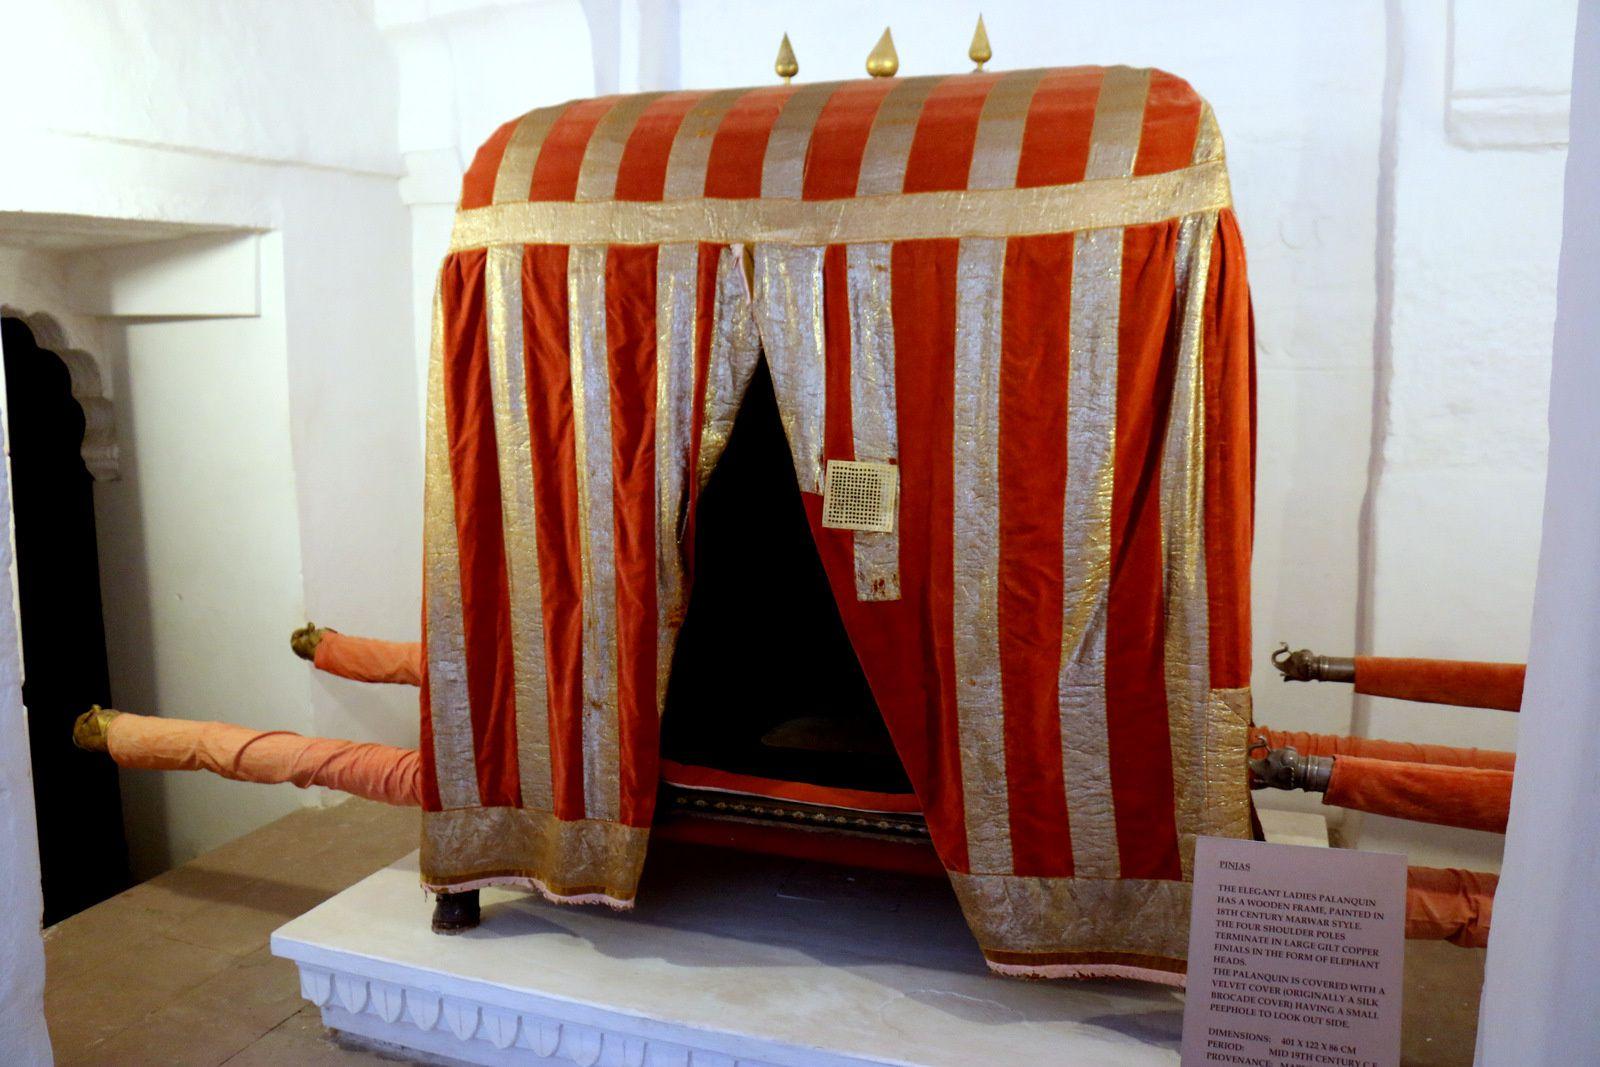 Sièges d'éléphant (palanquins et pinjas), musée de Mehrangarh (Jodhpur, Inde)